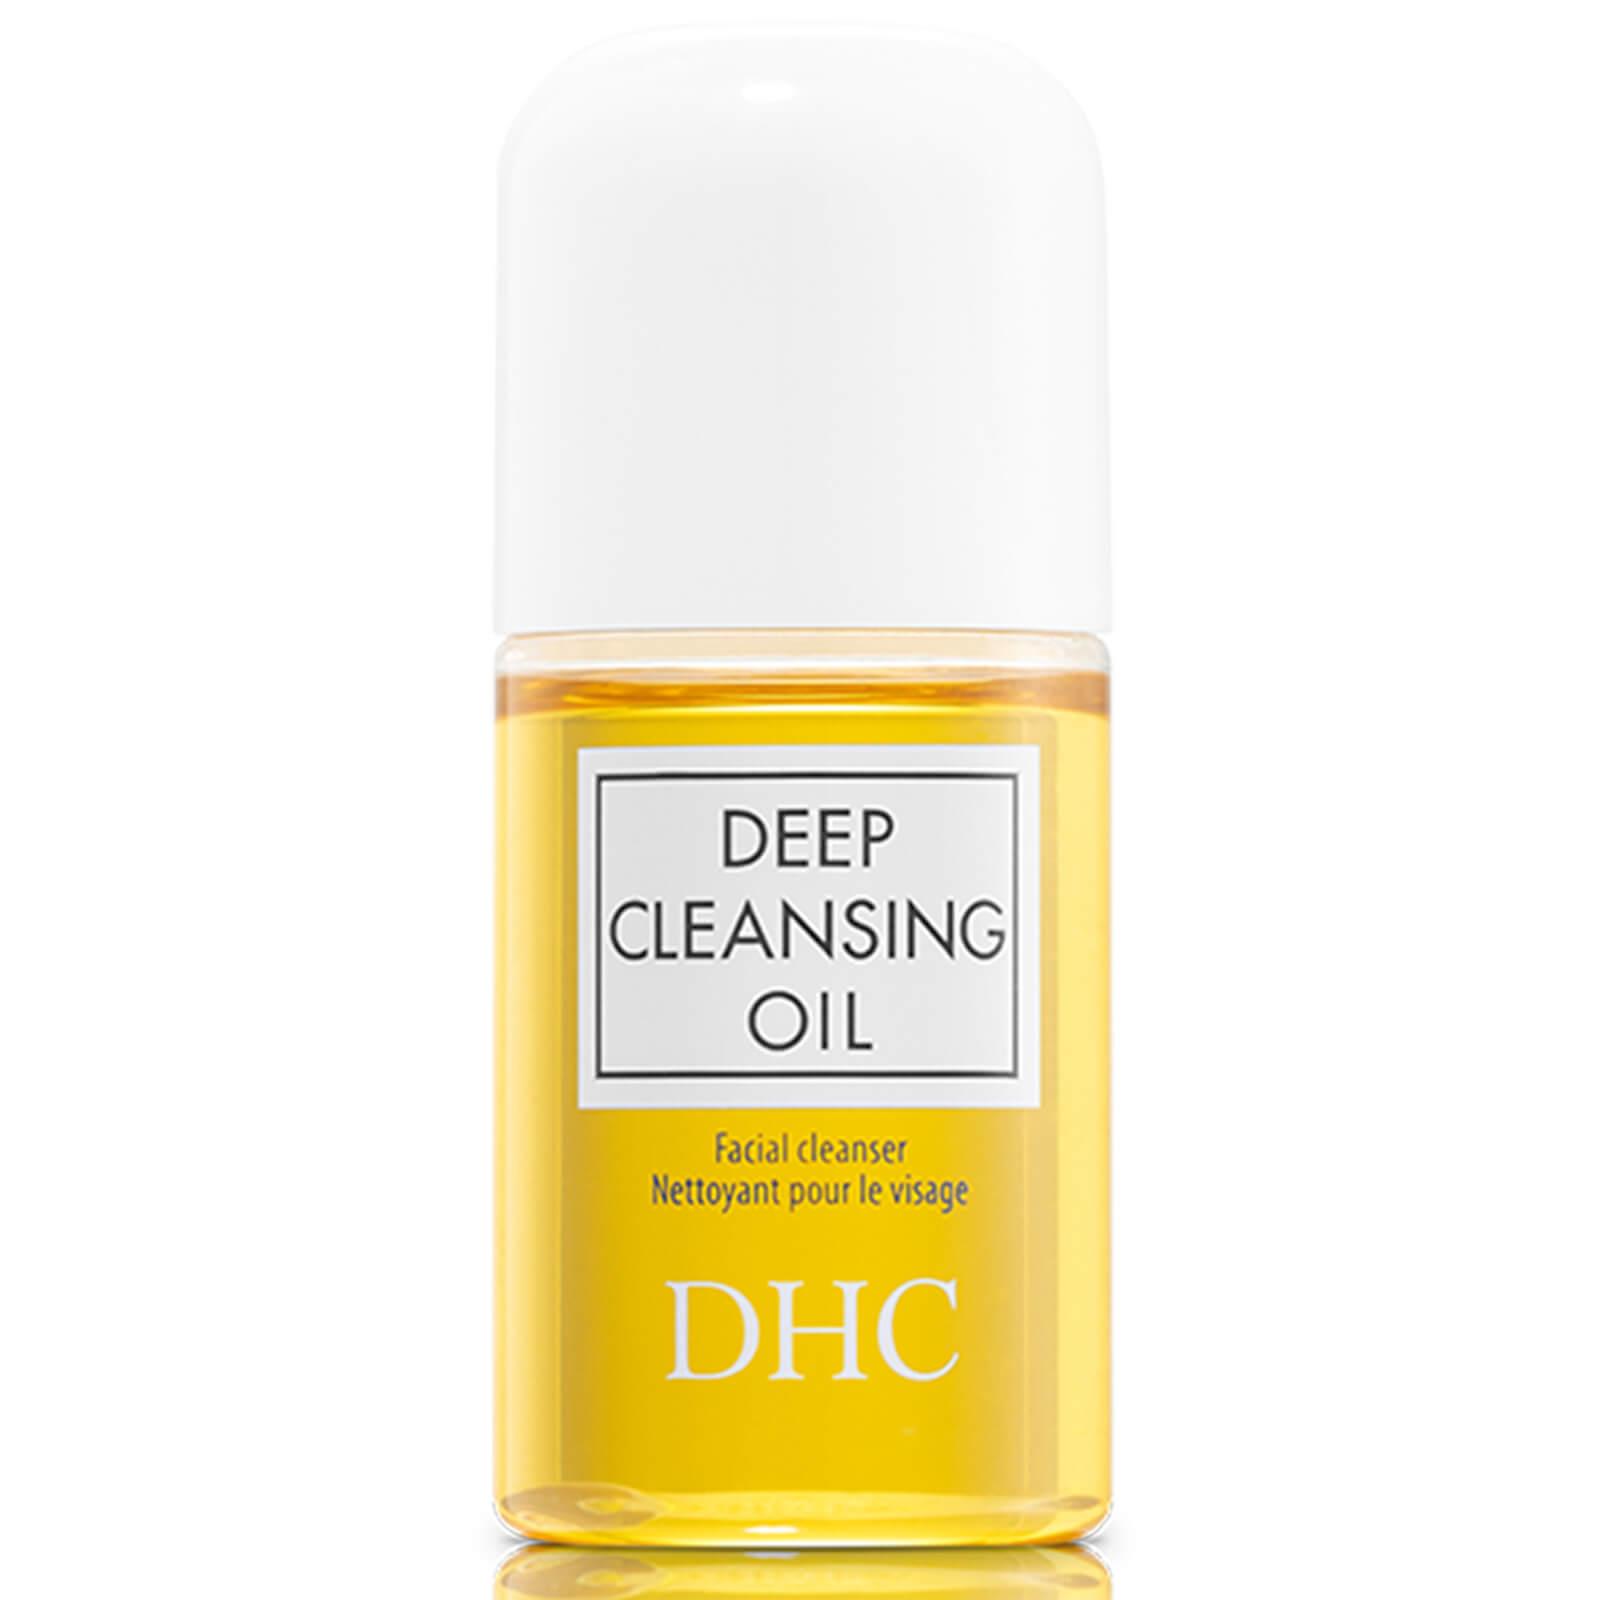 Купить Гидрофильное масло для умывания DHC Deep Cleansing Oil - 30ml